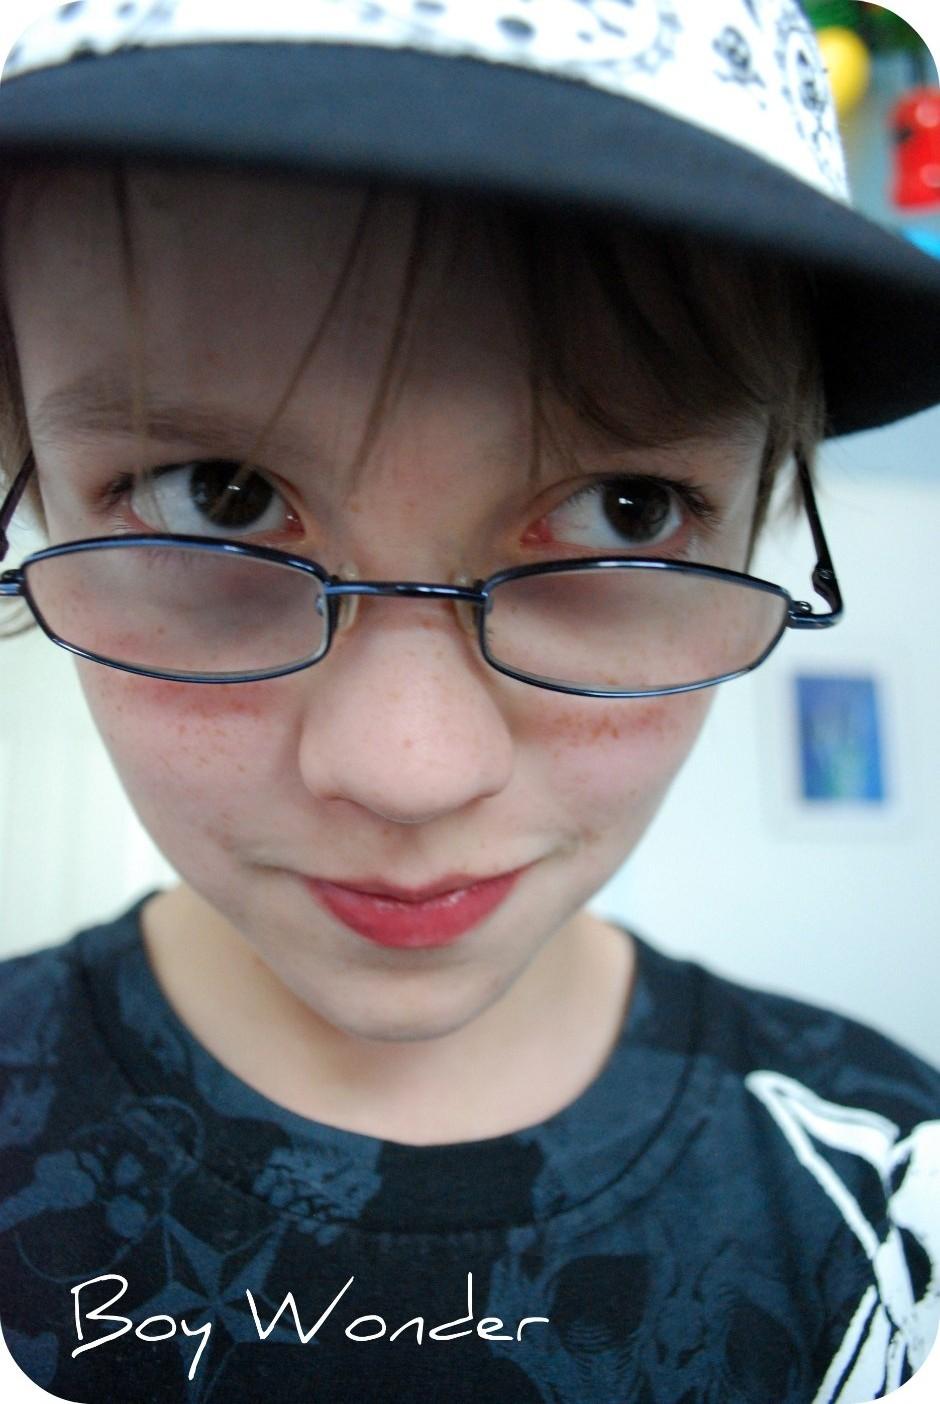 Cute Boys In 5th Grade The 5th grade econmall,